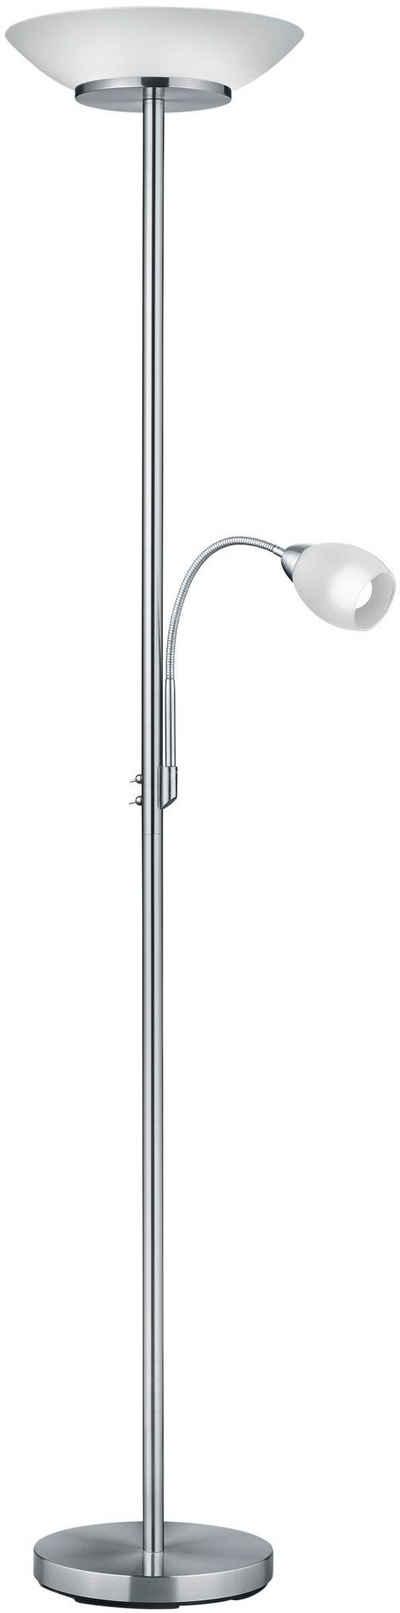 TRIO Leuchten Deckenfluter »Gerry«, Schalter,Getrennt schaltbar,Flexibel, Leuchtmittel tauschbar